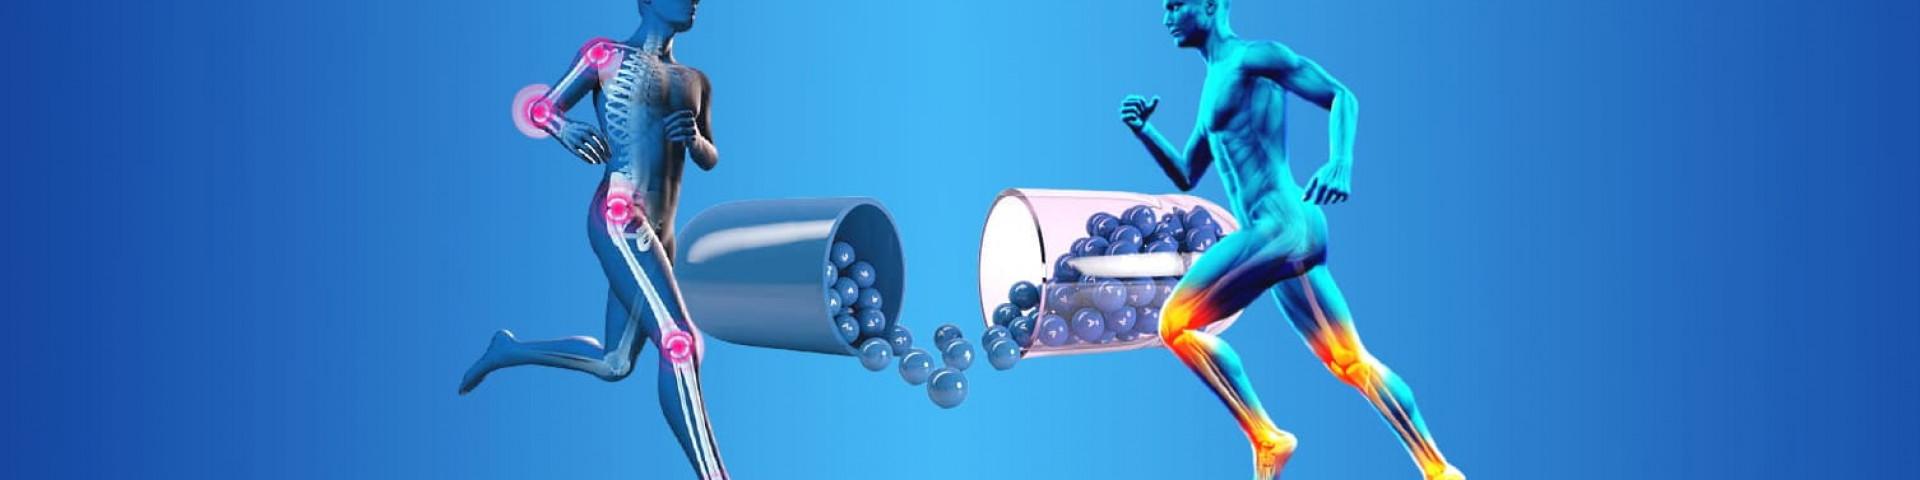 Оказываем поддержку позвоночнику: рейтинг лучших витаминов для костей и суставов 2021 года